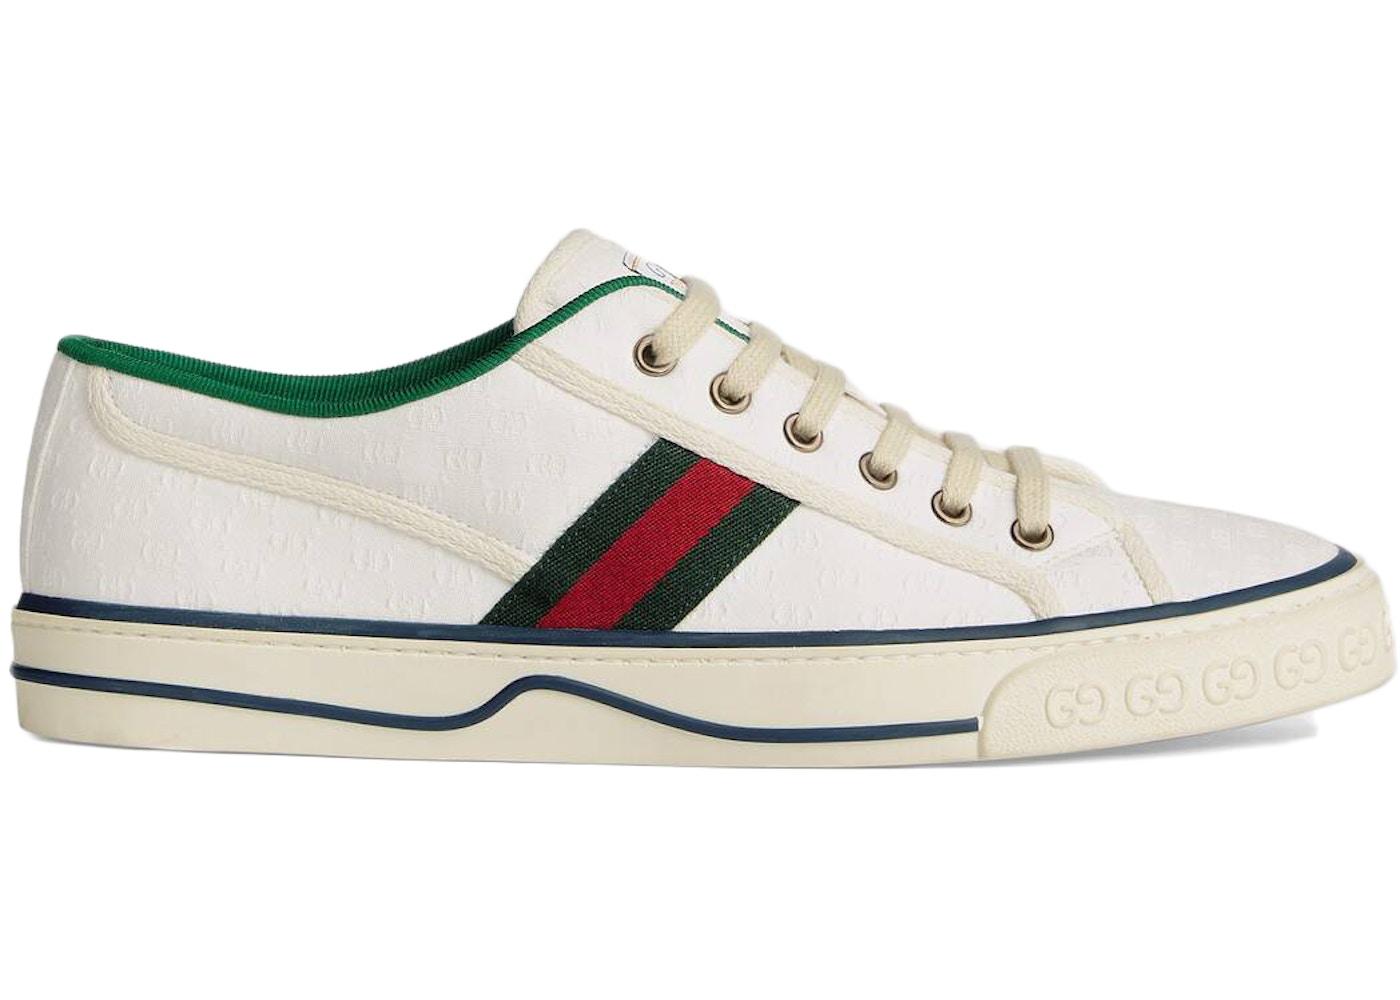 Gucci Tennis 1977 Mini GG White